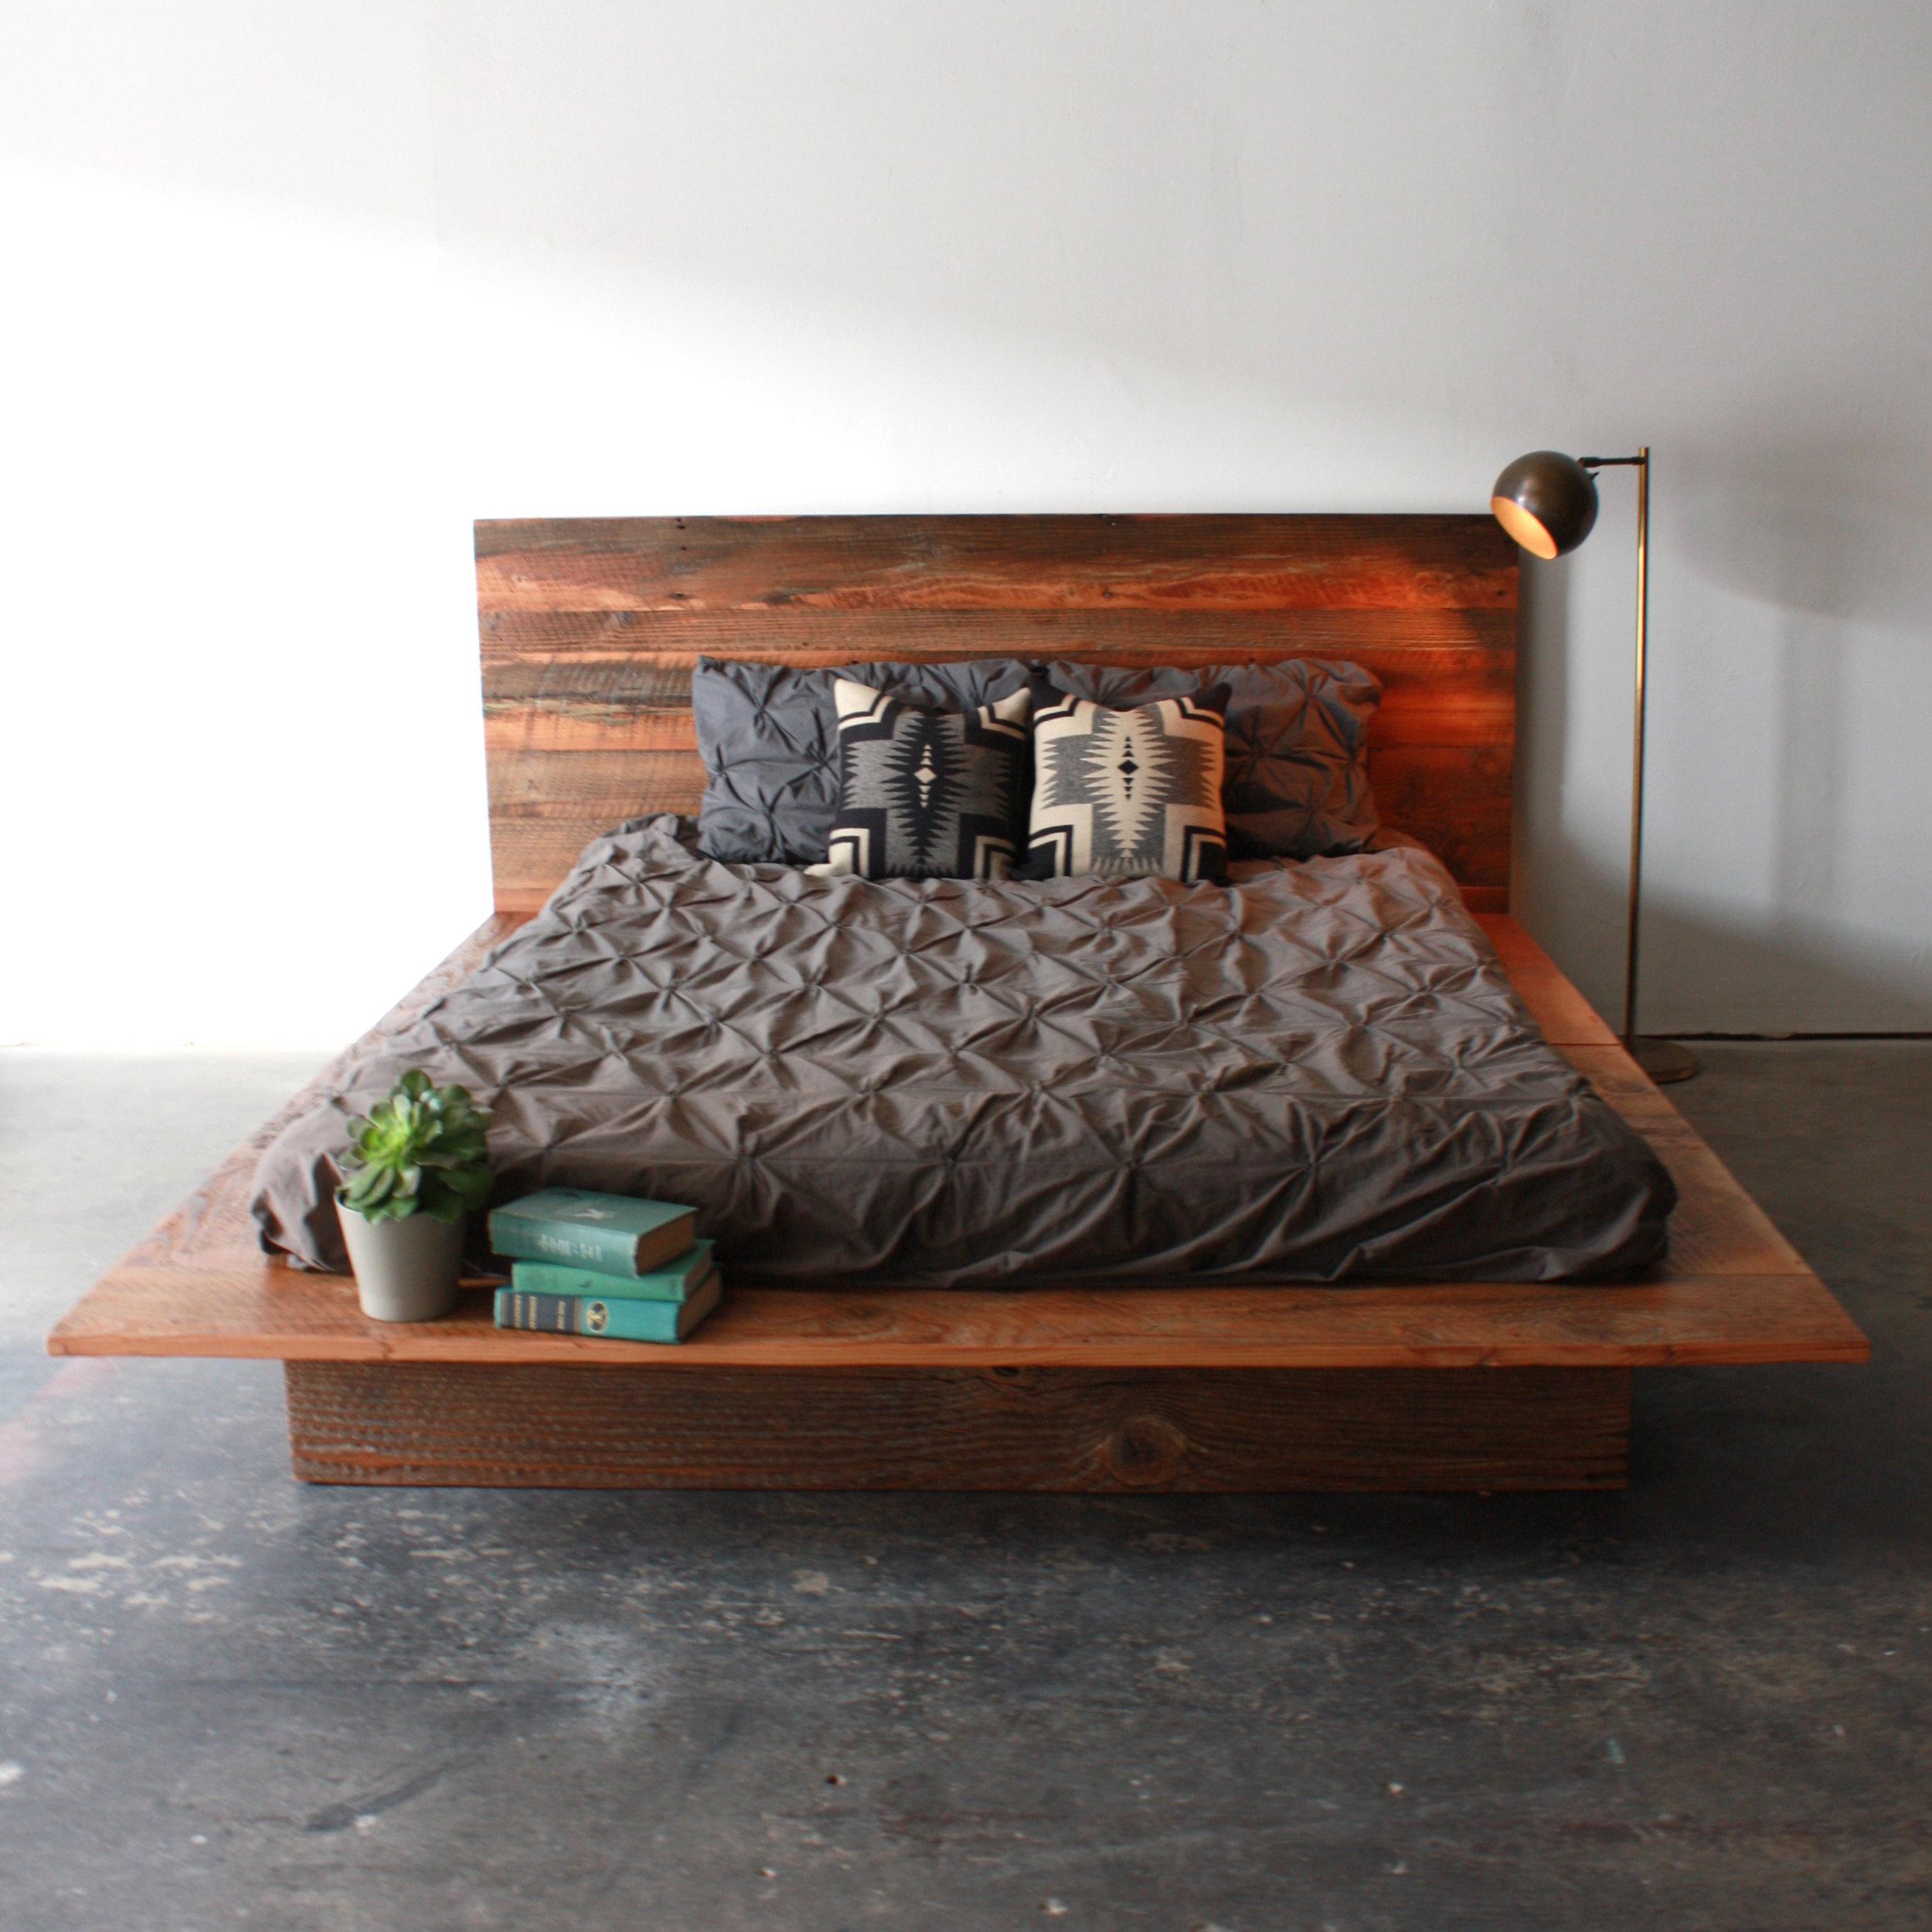 Kempema-Plaform-Bed.jpg